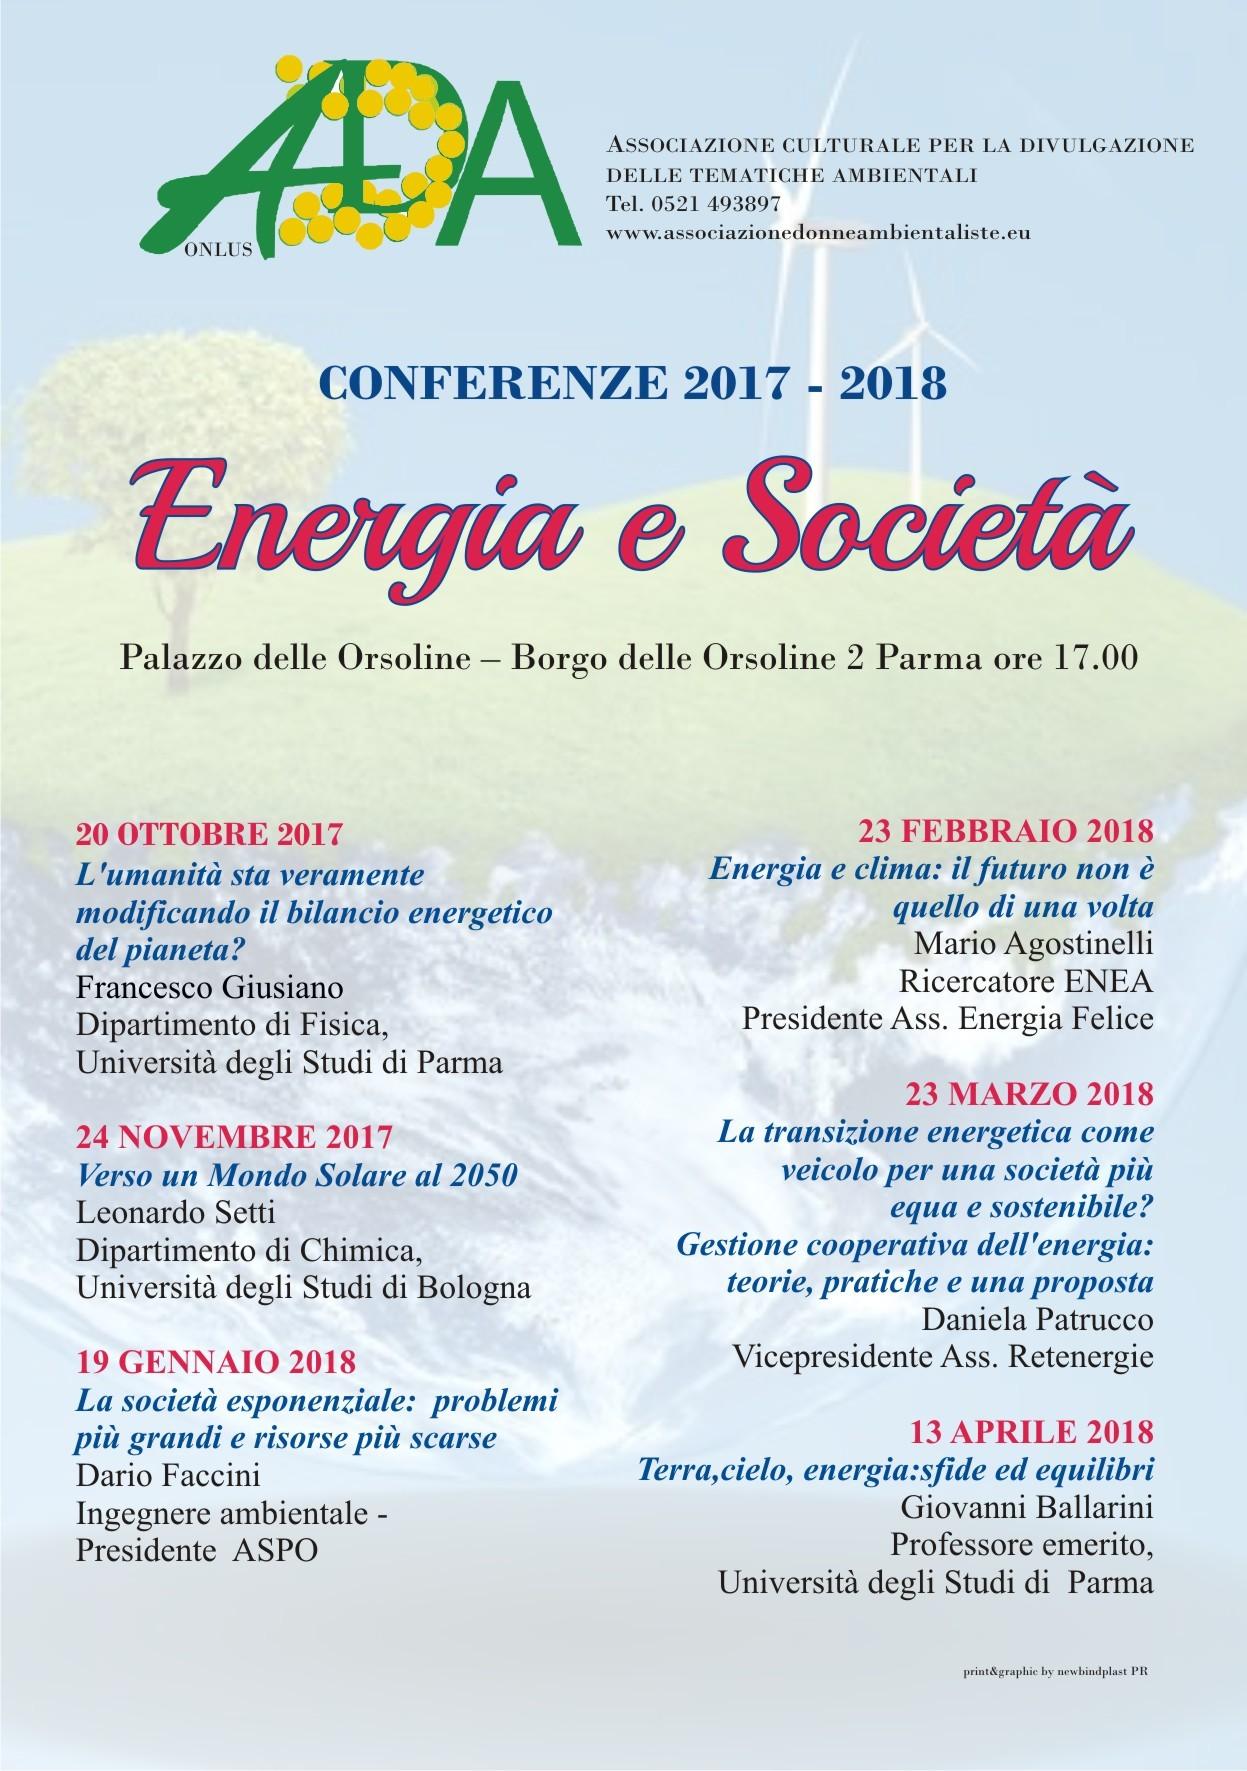 Energia e società:  incontro con Daniela Patrucco sulla produzione di energia da fonte rinnovabile